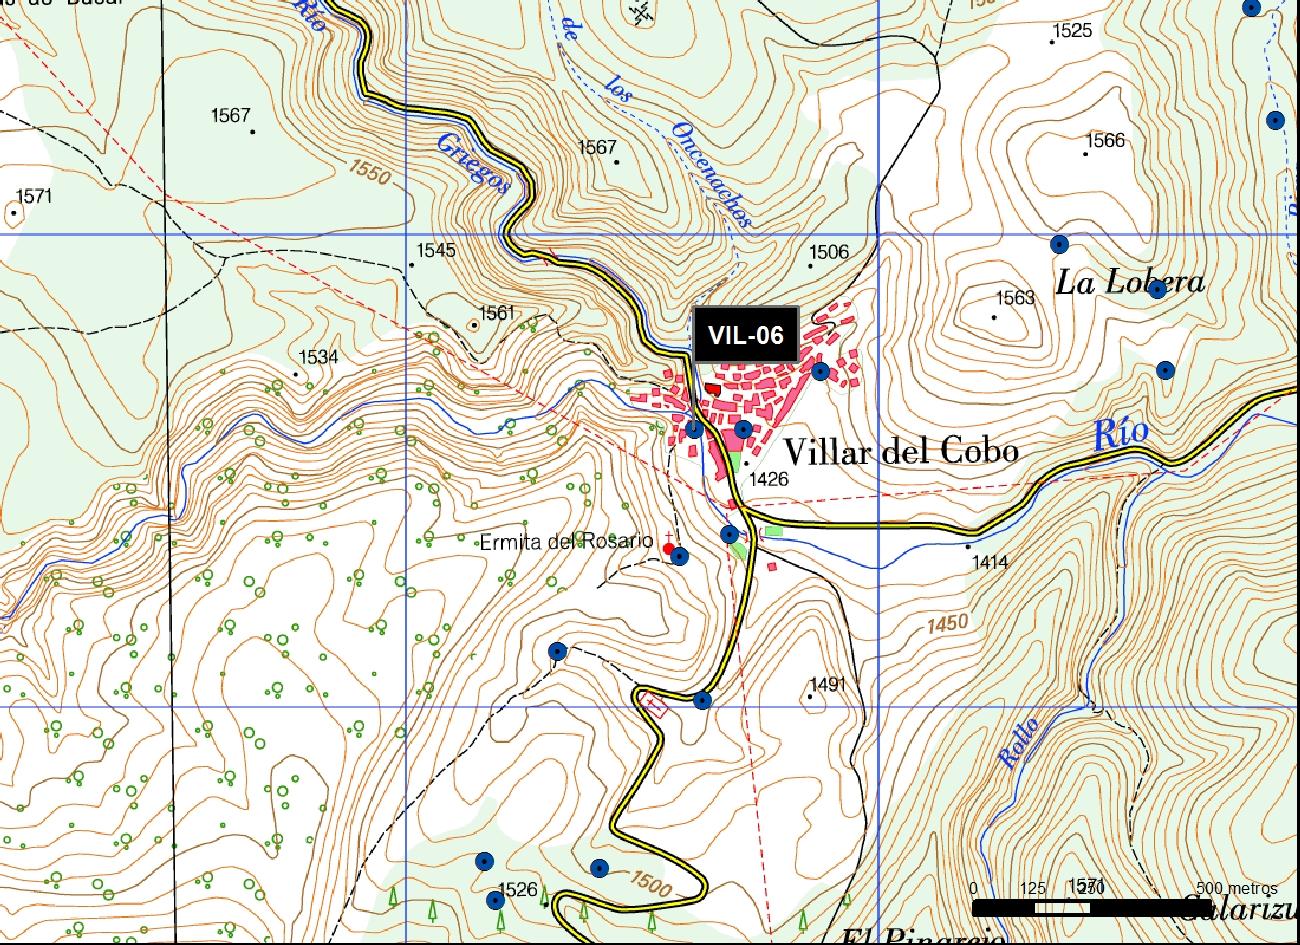 VIL_06_M.V.LOZANO_ANTANICA_MAP.TOPO 2